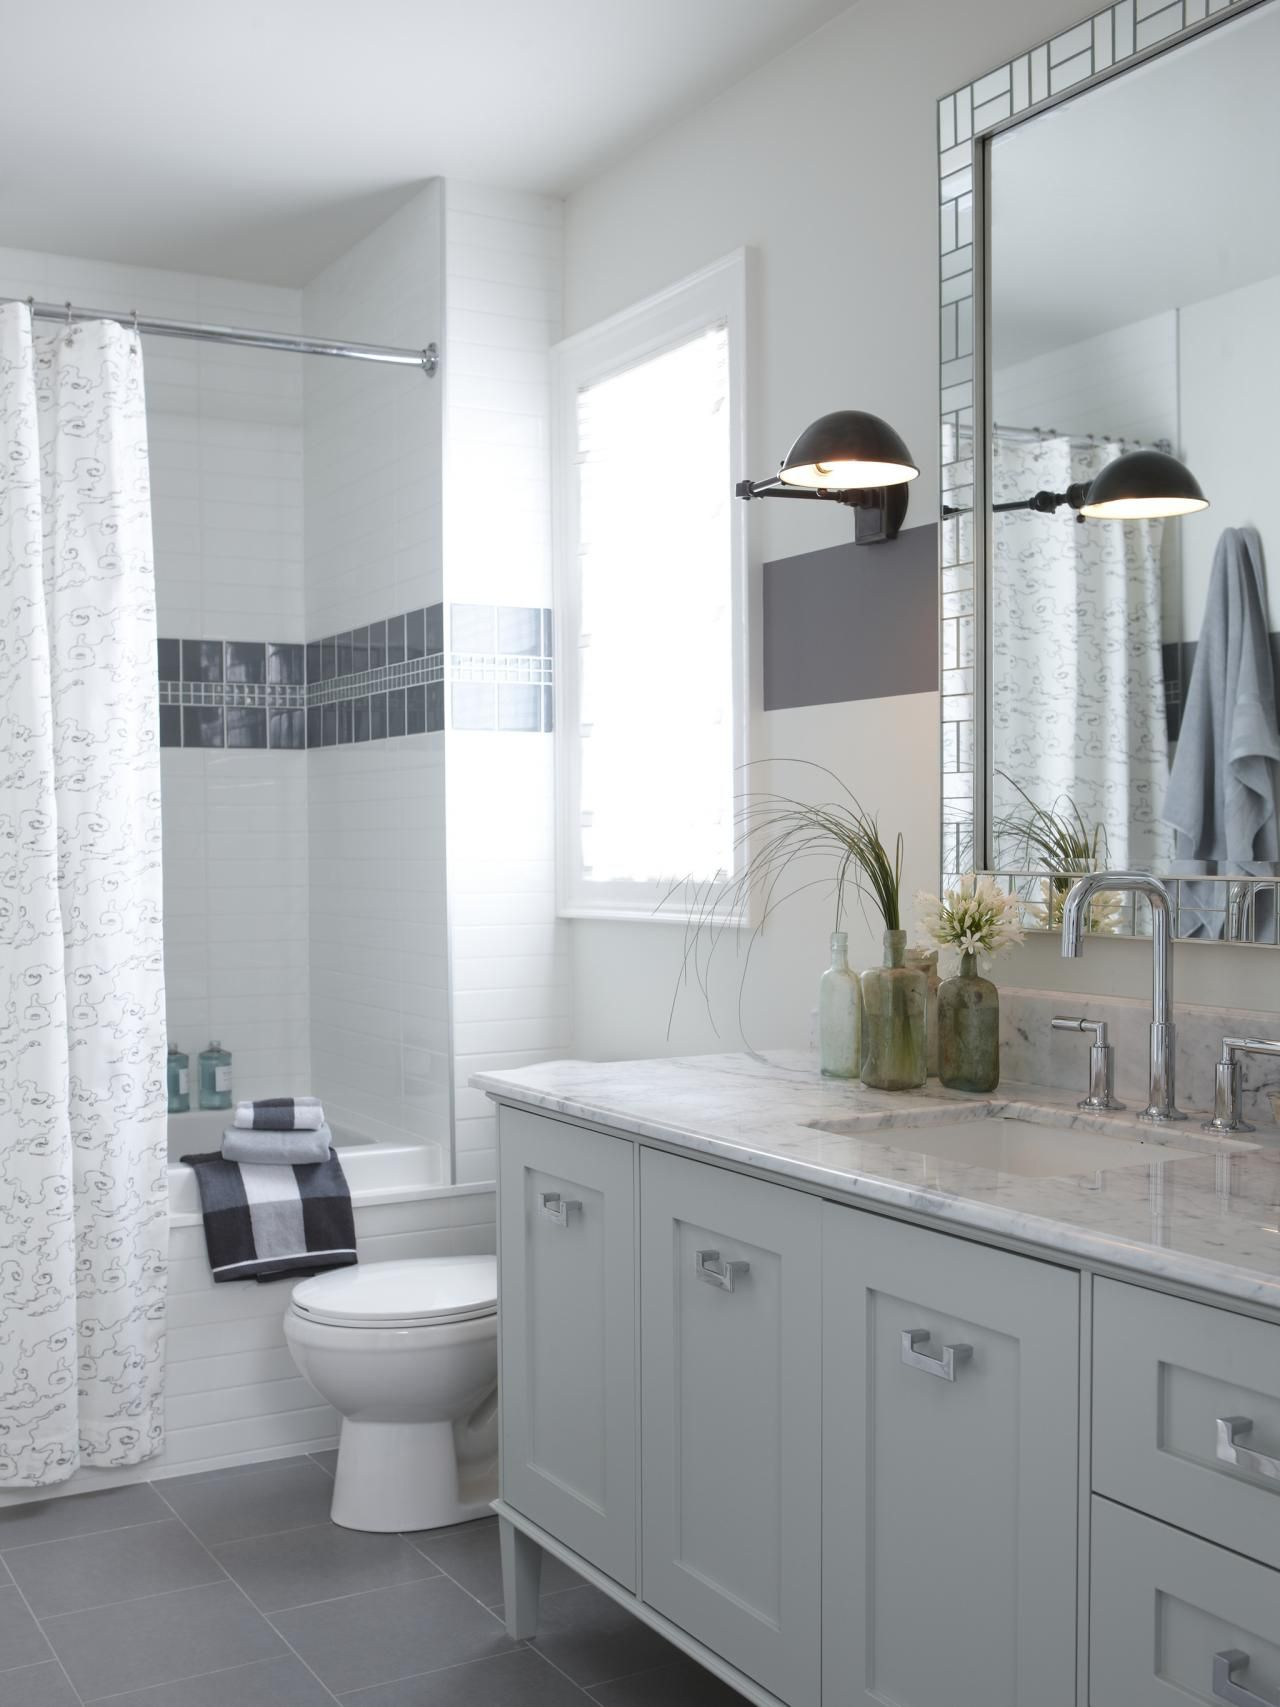 Sarah S House Hgtv Bathroom Design Suburban House House Bathroom